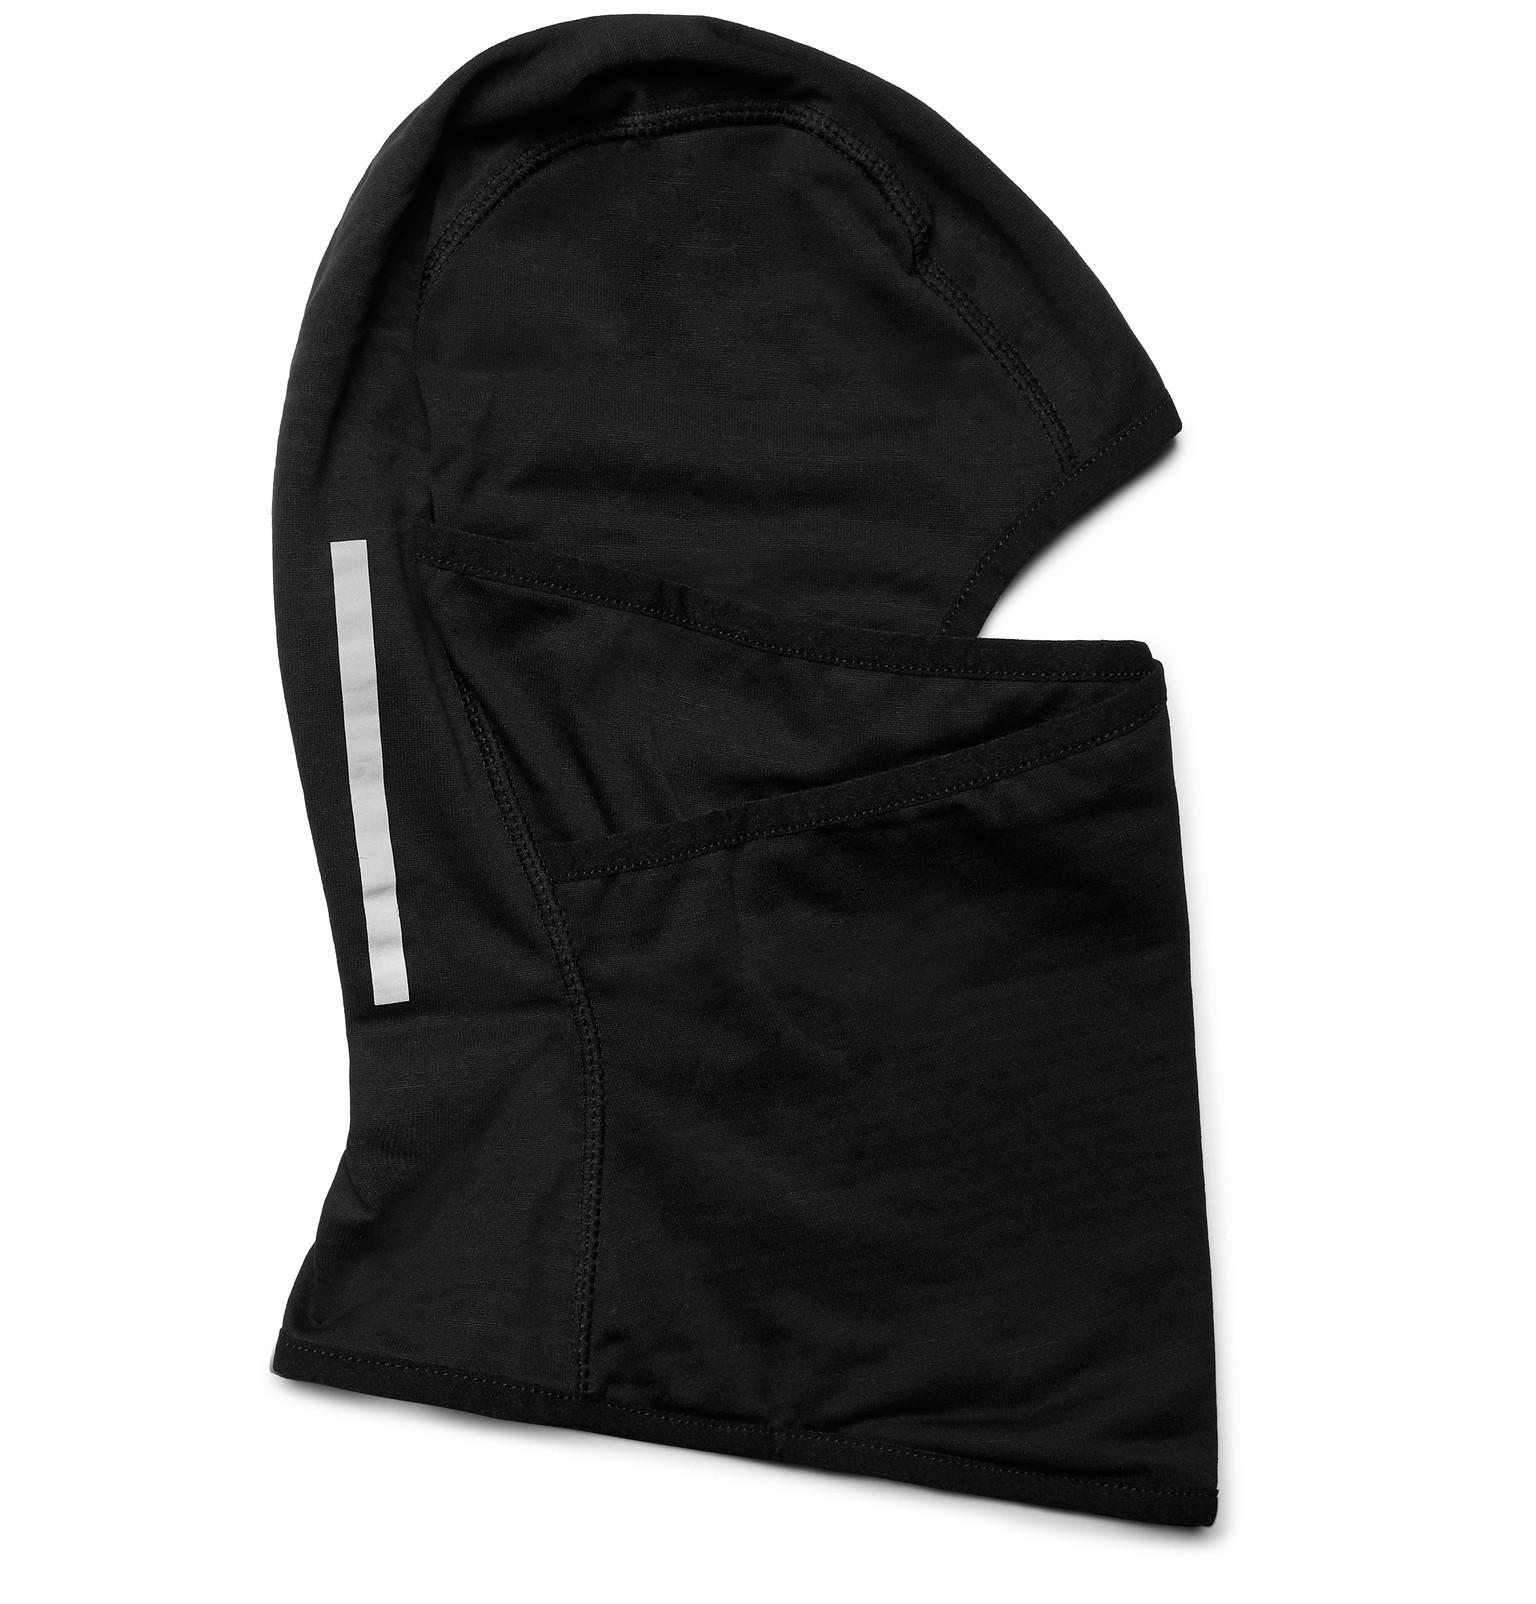 Nike - Black Dri-fit Therma Sphere 2.0 Hood for Men - Lyst. View fullscreen 454717b2fb87